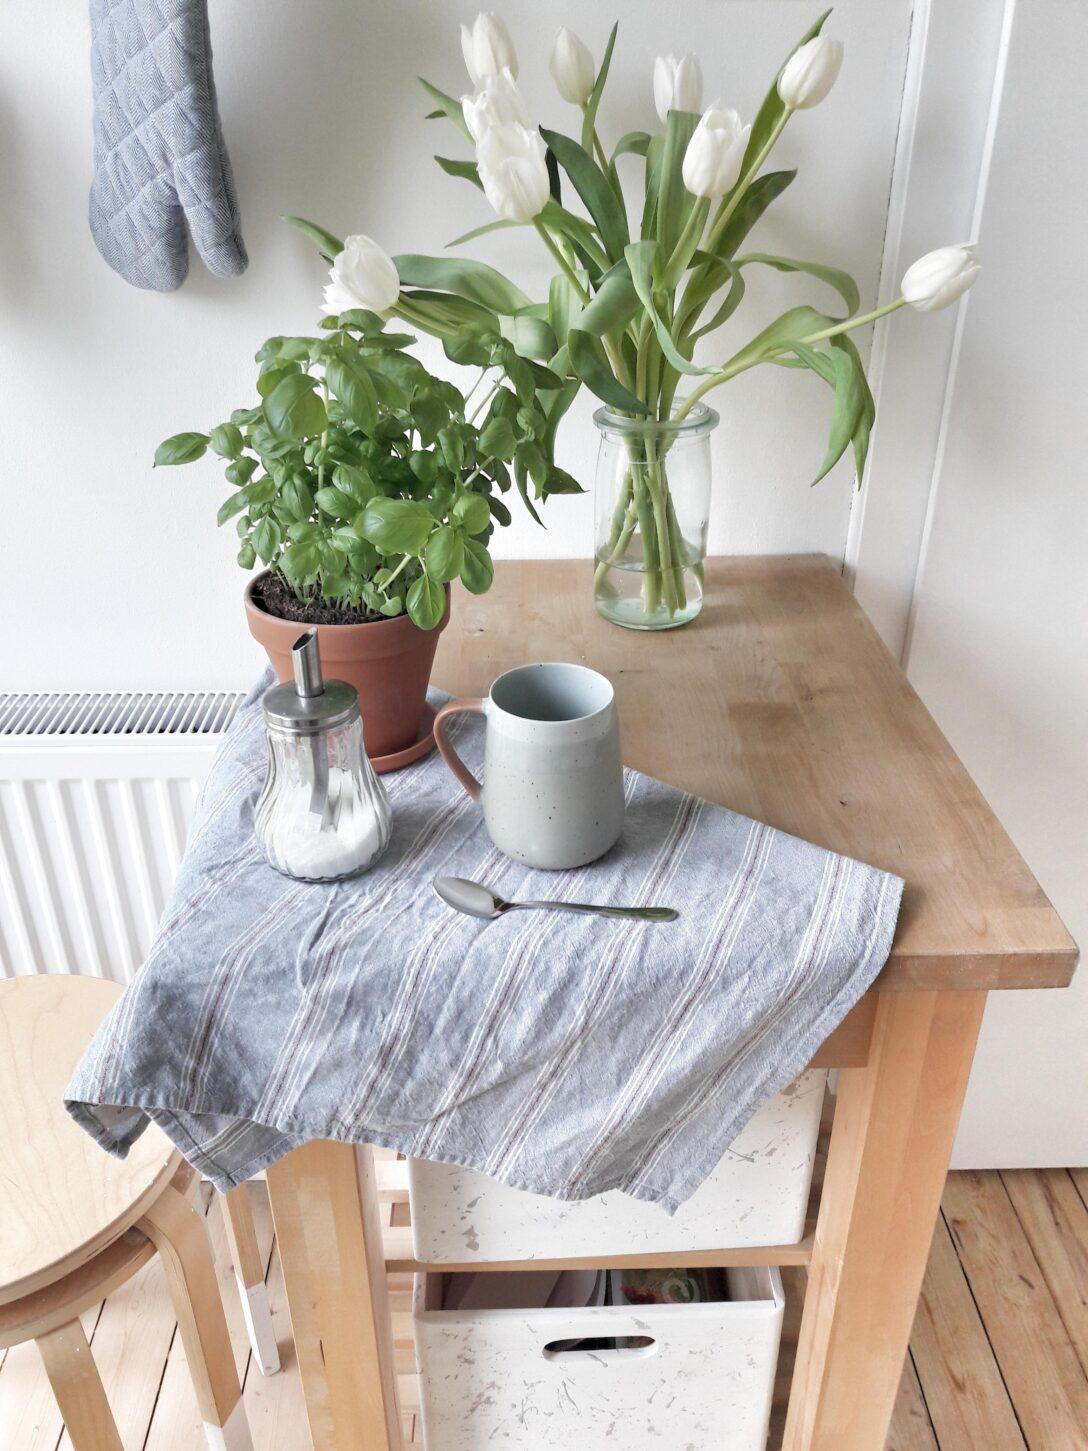 Large Size of Inselküche Ikea Kcheninseln Inspiration Zum Trumen Bei Couch Küche Kosten Kaufen Sofa Mit Schlaffunktion Miniküche Abverkauf Modulküche Betten 160x200 Wohnzimmer Inselküche Ikea